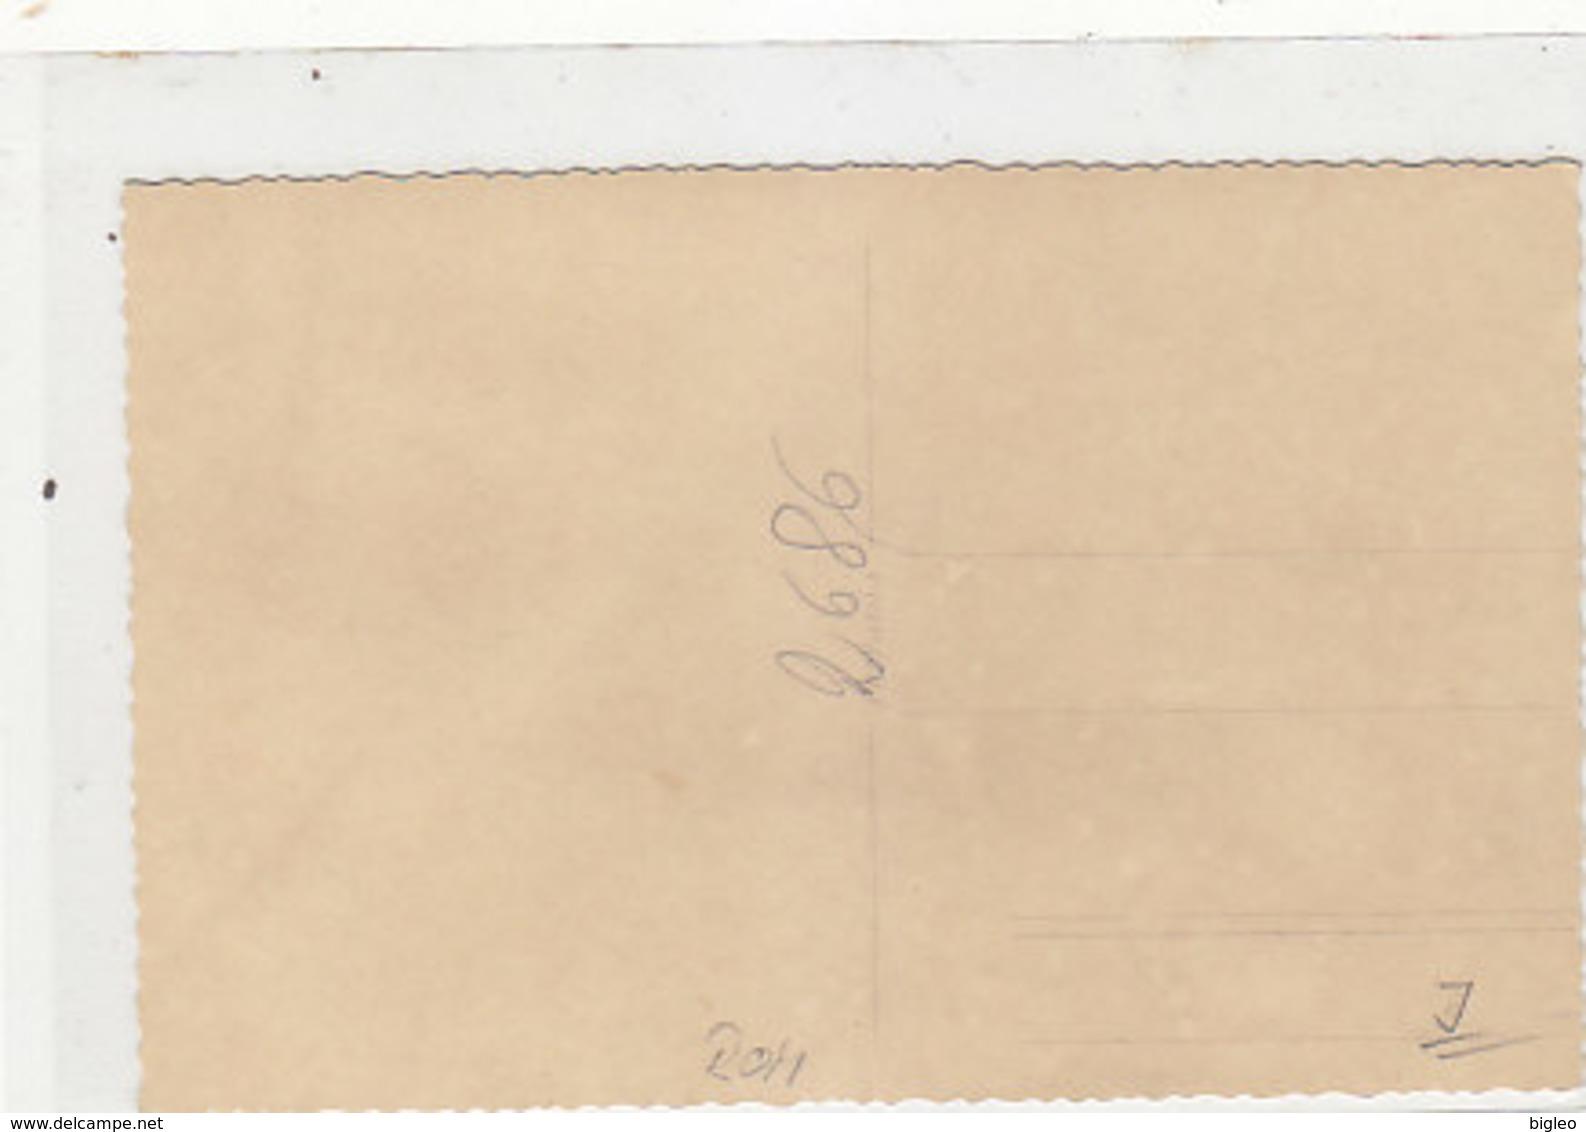 LAI - Milano-Roma - Cartolina Photo       (A-88-100622) - 1946-....: Era Moderna